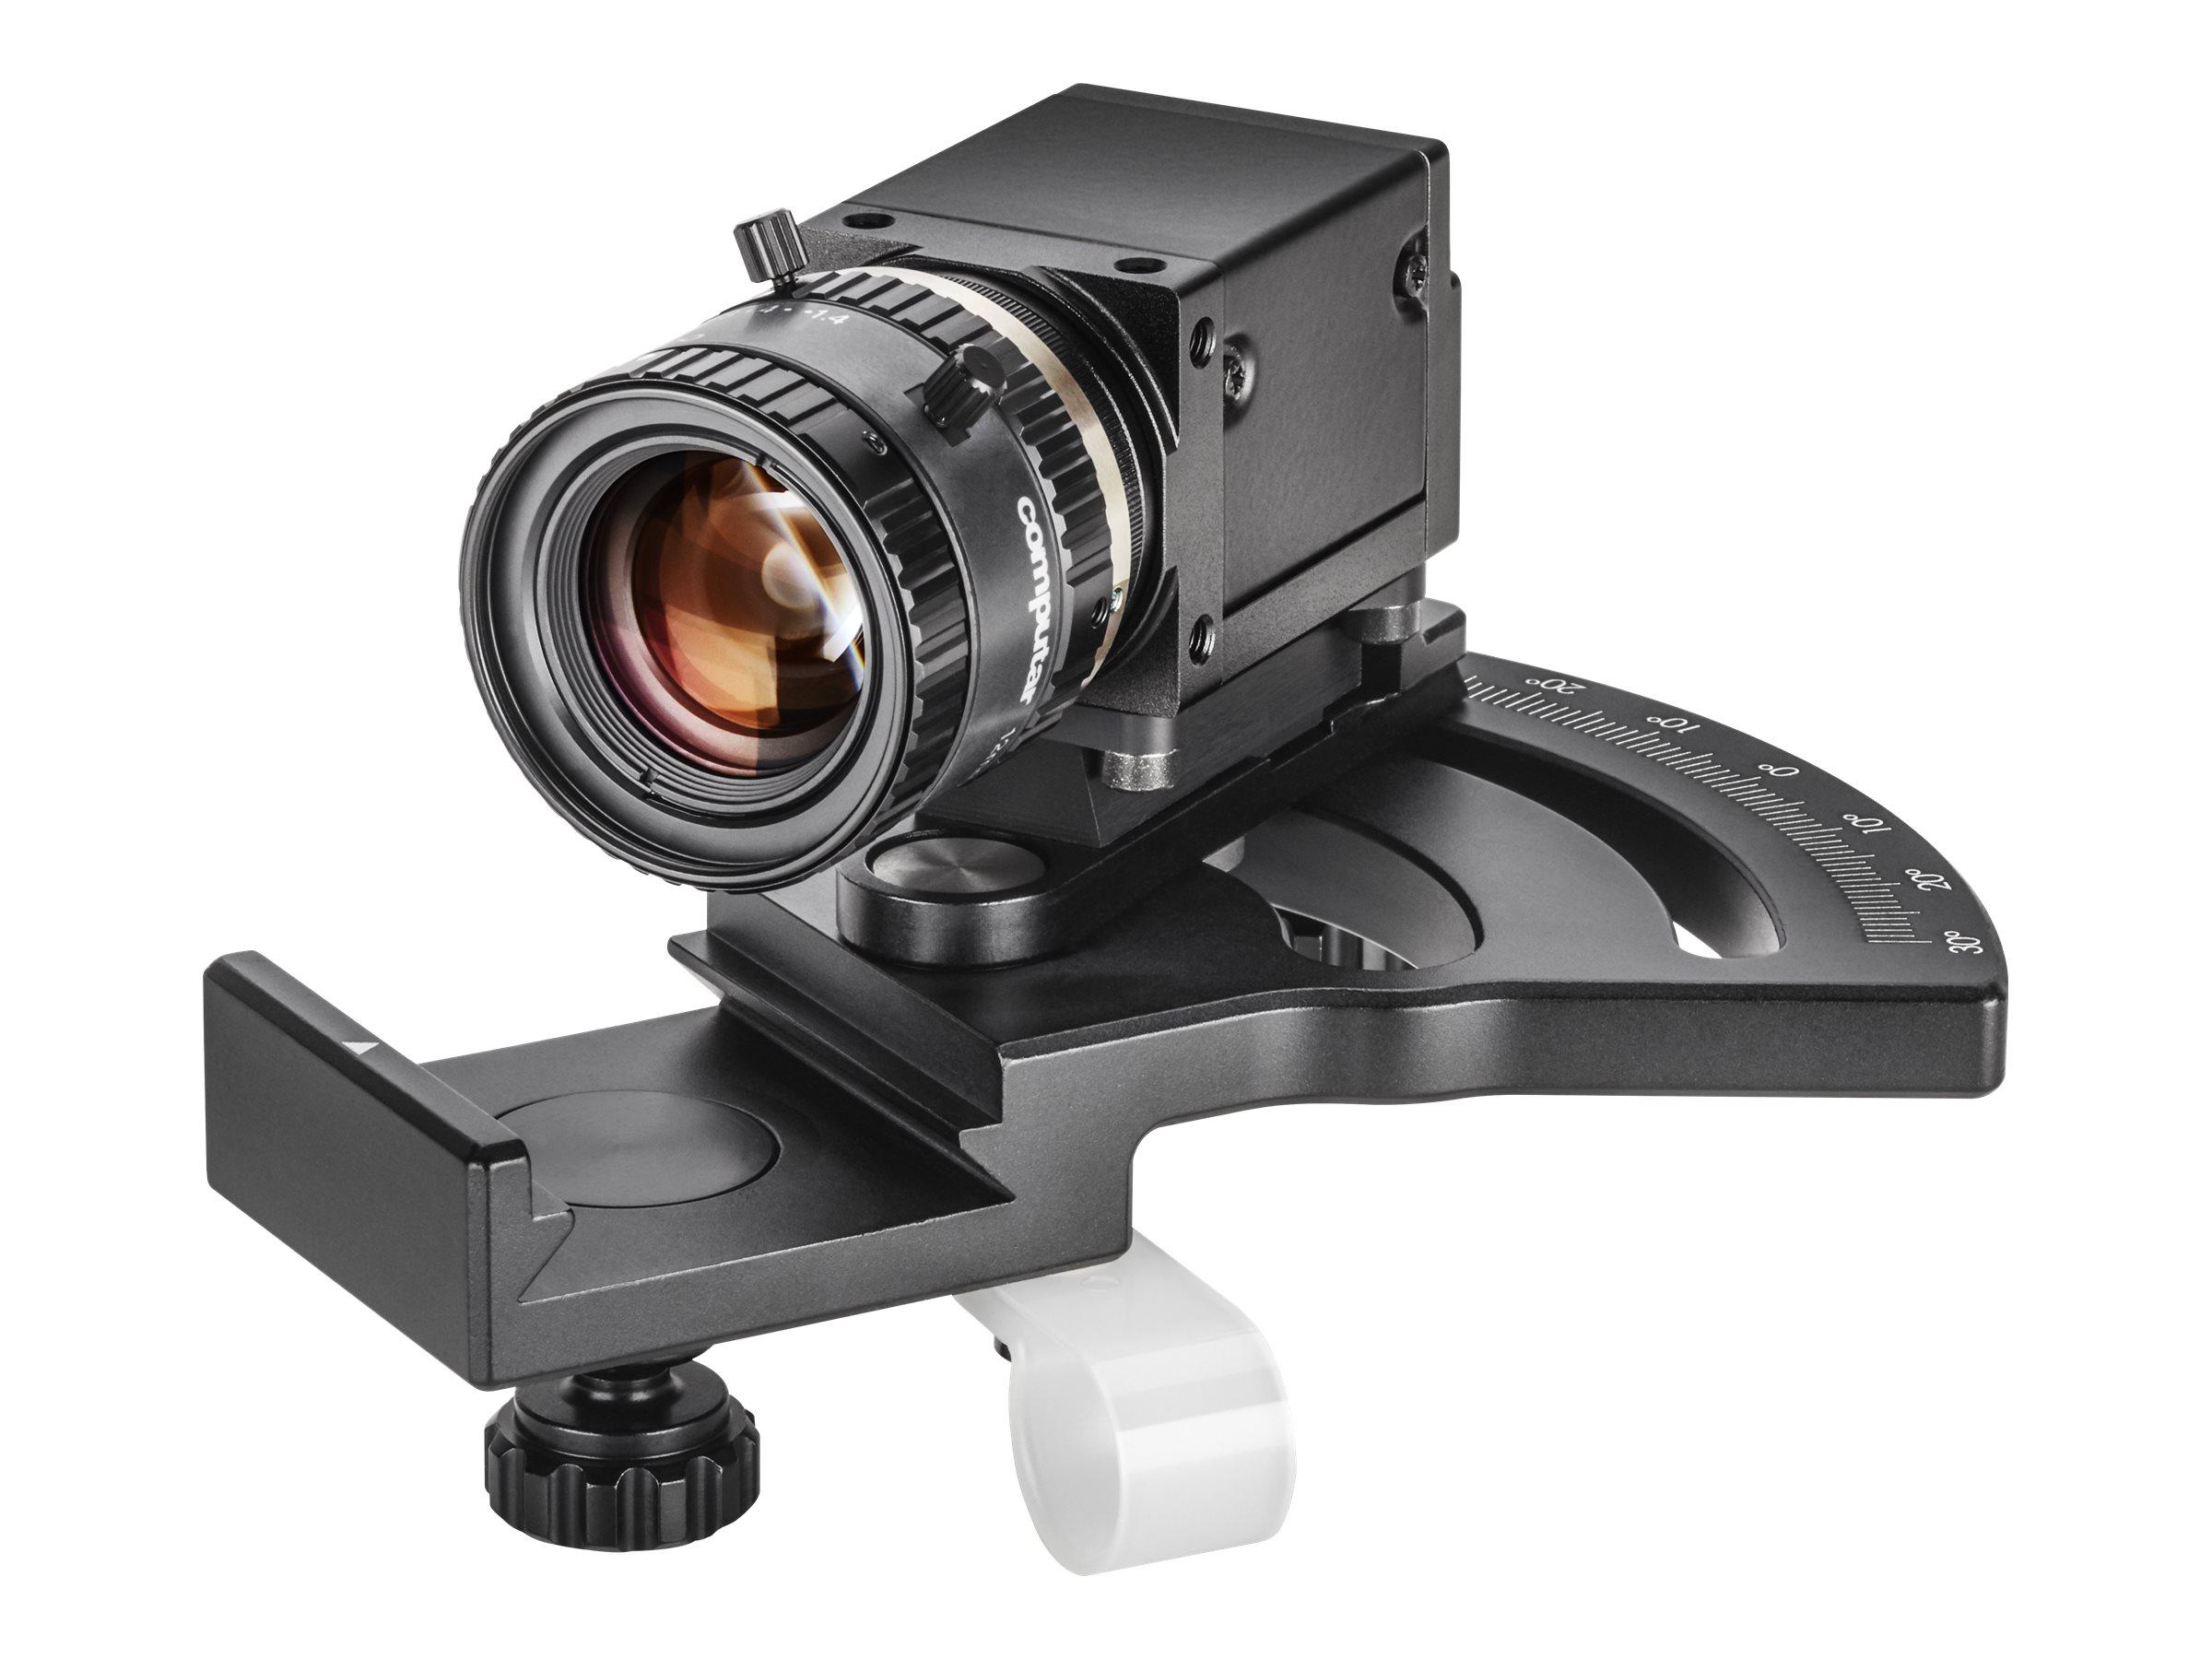 HP 3D Dual Camera Upgrade Kit for Pro S2 - 3D-Scanner zusätzliche Kamera - für Scanjet Pro 3000 s2